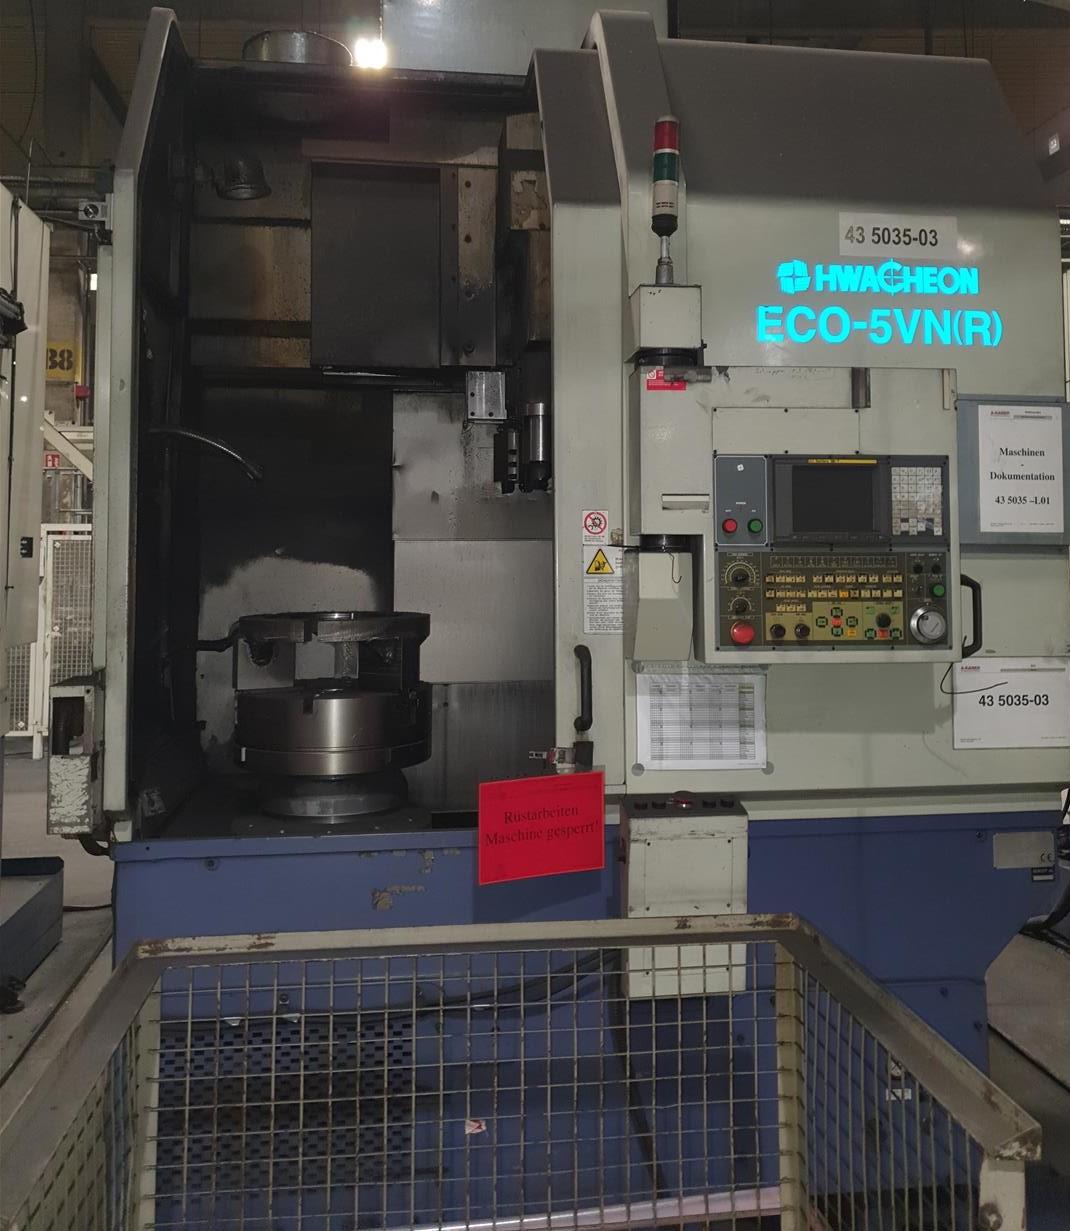 CNC VTL Hwacheon ECO 5 VN-R